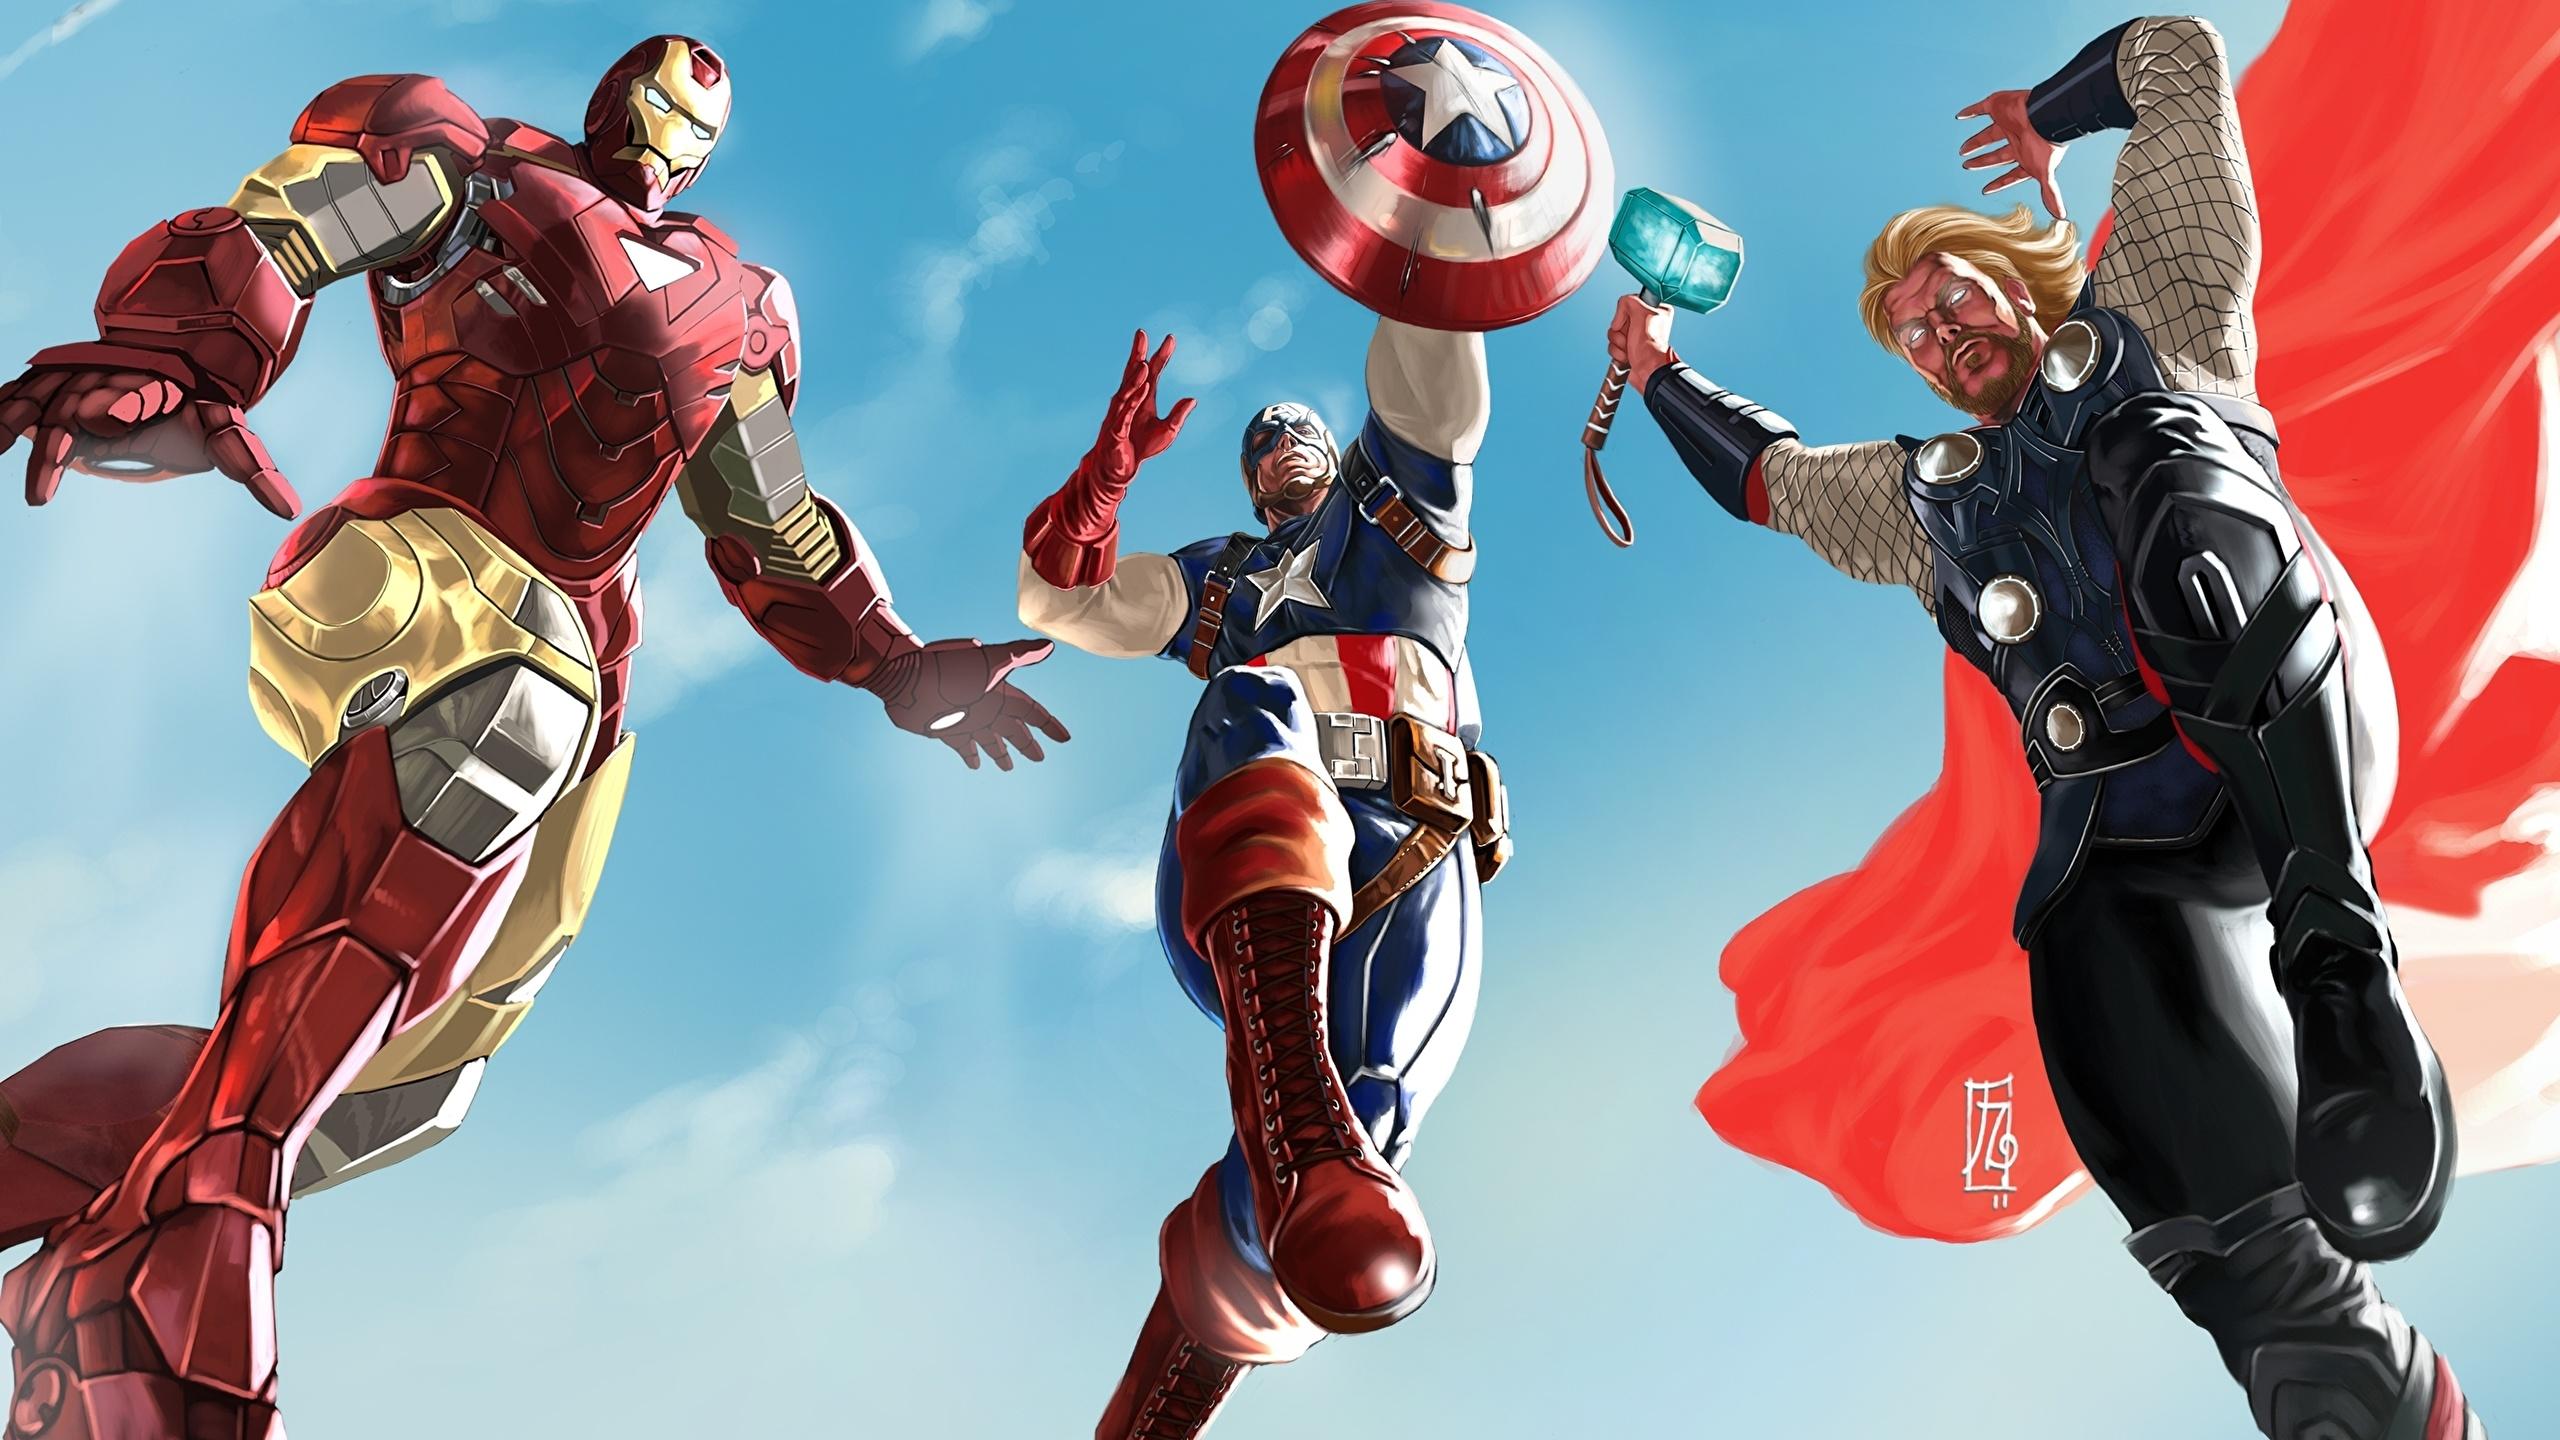 Bilder von Superhelden Thor Held Iron Man Held Captain America Held Fantasy 2560x1440 Comic-Helden